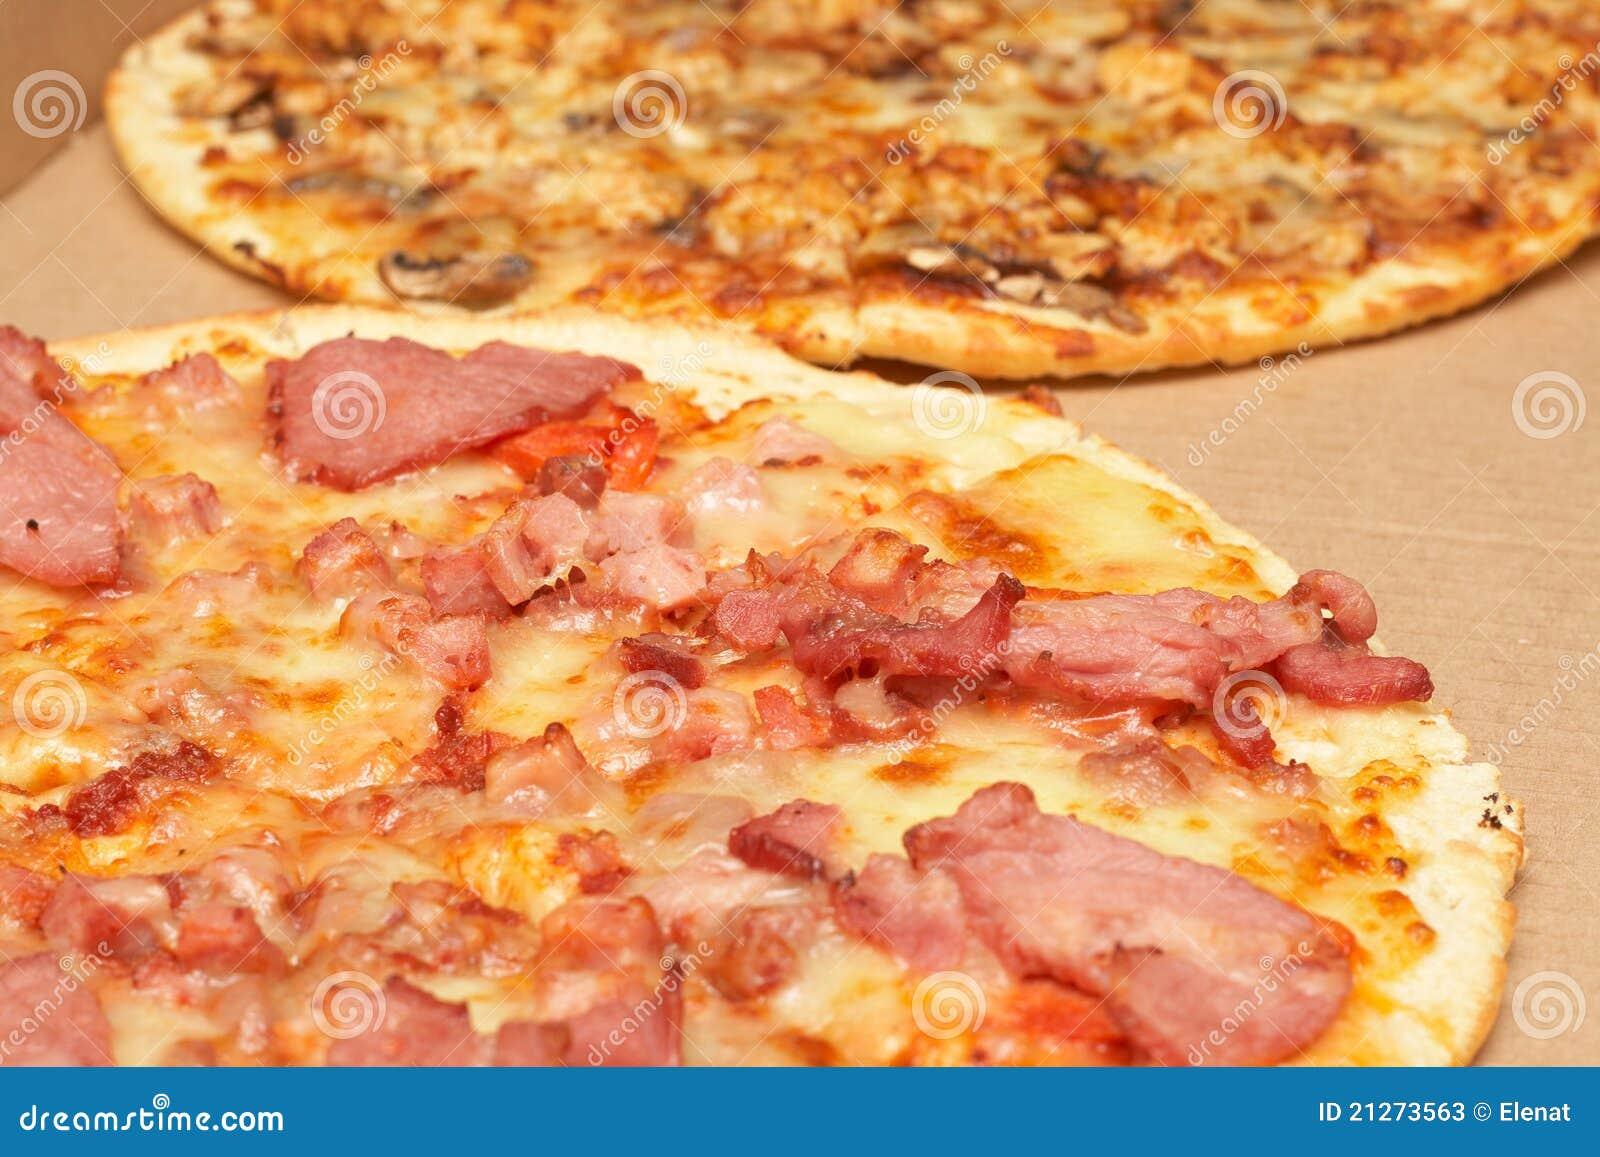 geschmackvolle italienische pizza mit speck und k se. Black Bedroom Furniture Sets. Home Design Ideas